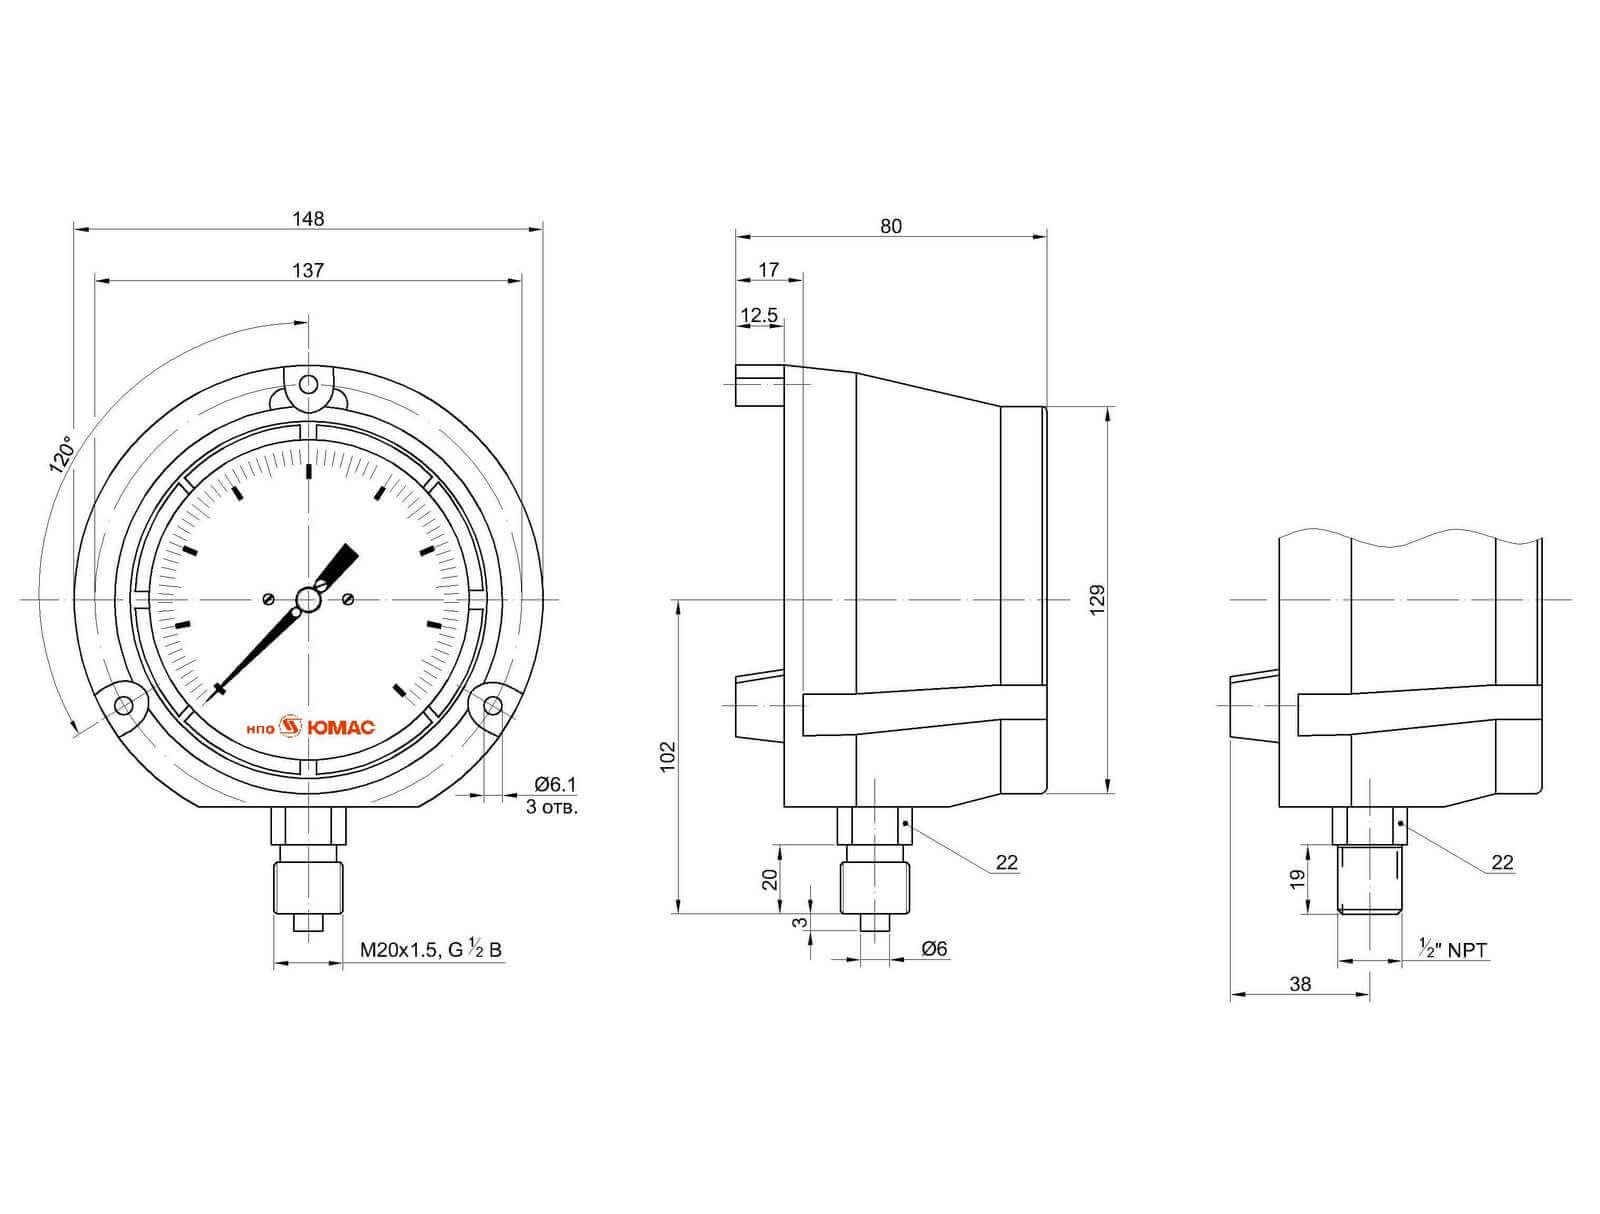 Схема специального манометра для химических производств от предприятия НПО «Юмас»